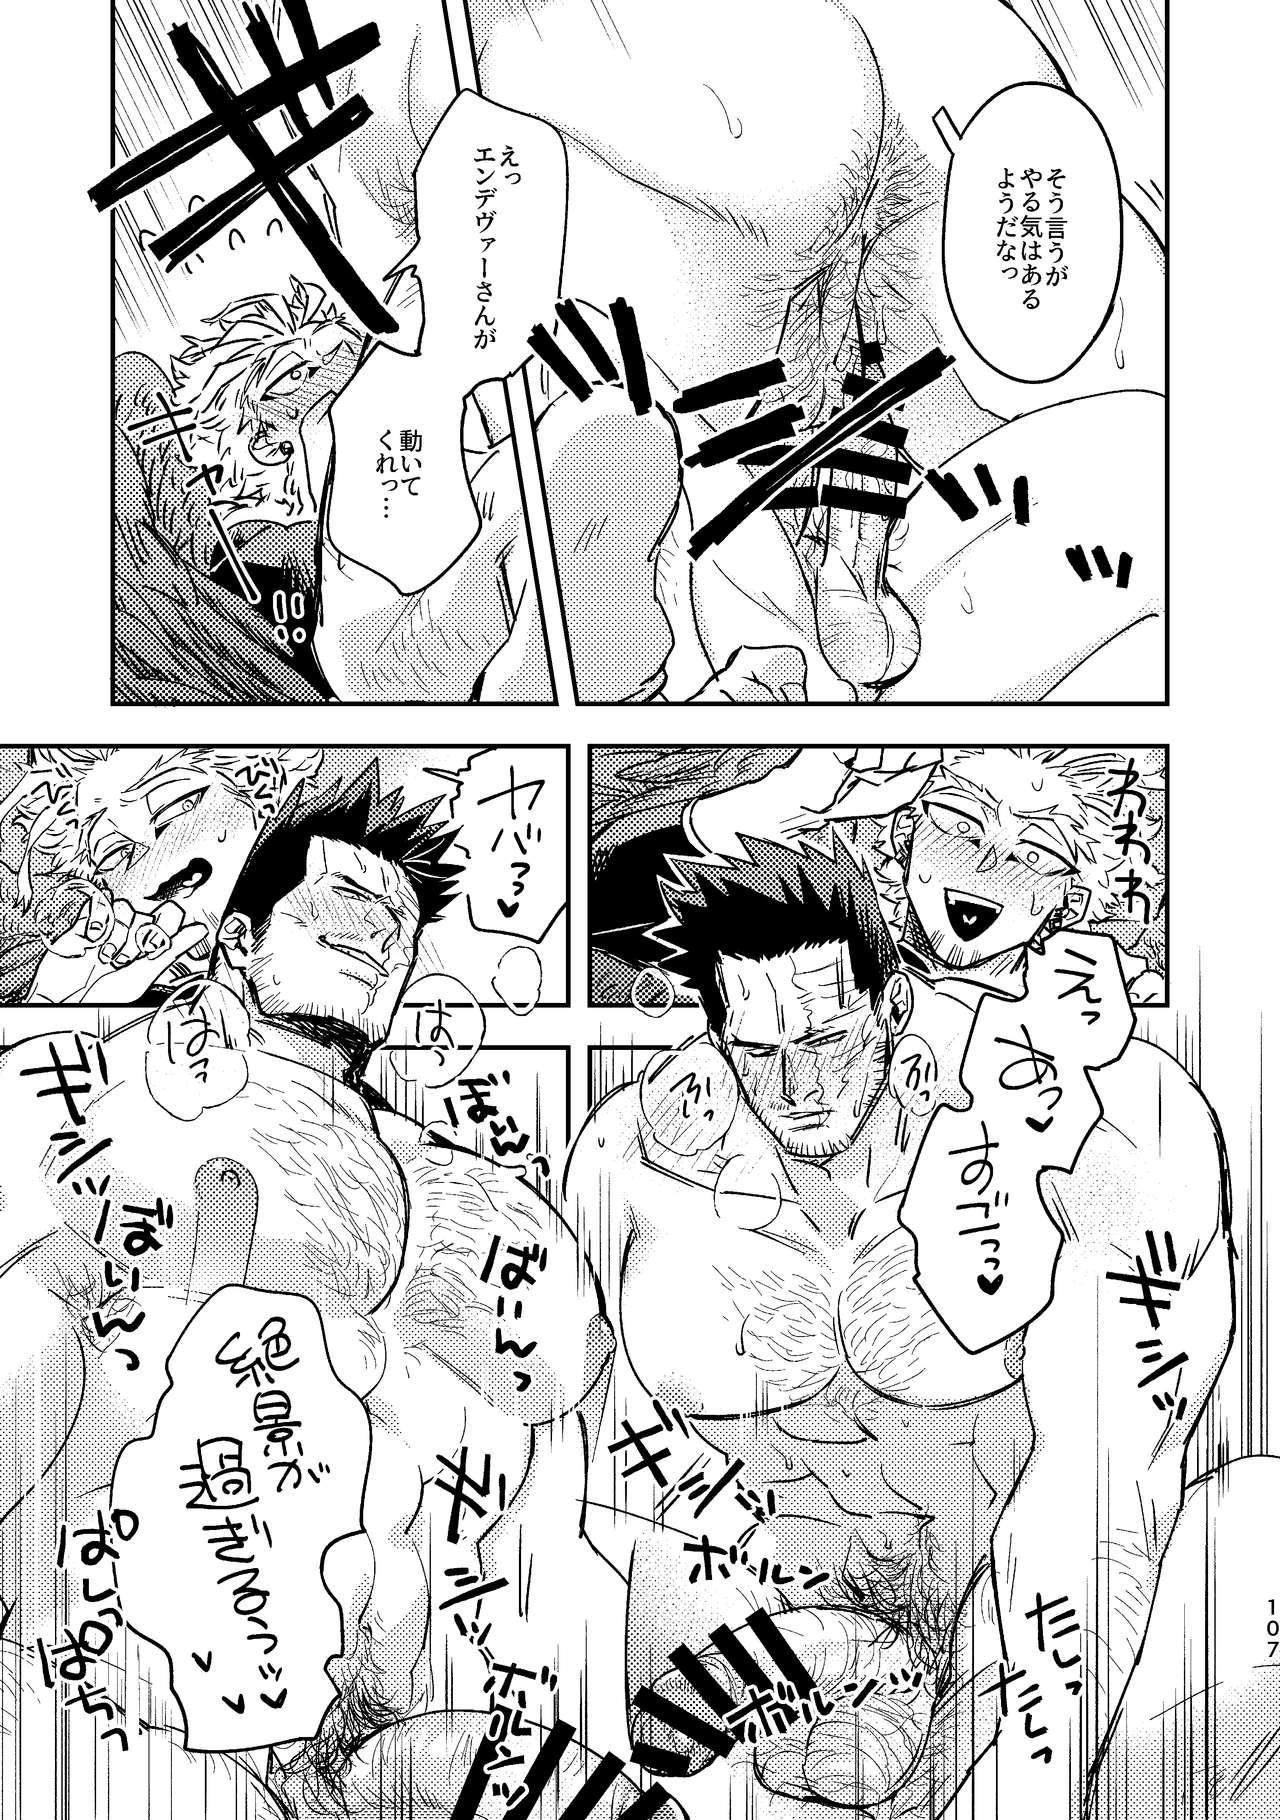 WEB Sairoku Zumi HawEn Manga ga Kami demo Yomeru Hon. 106